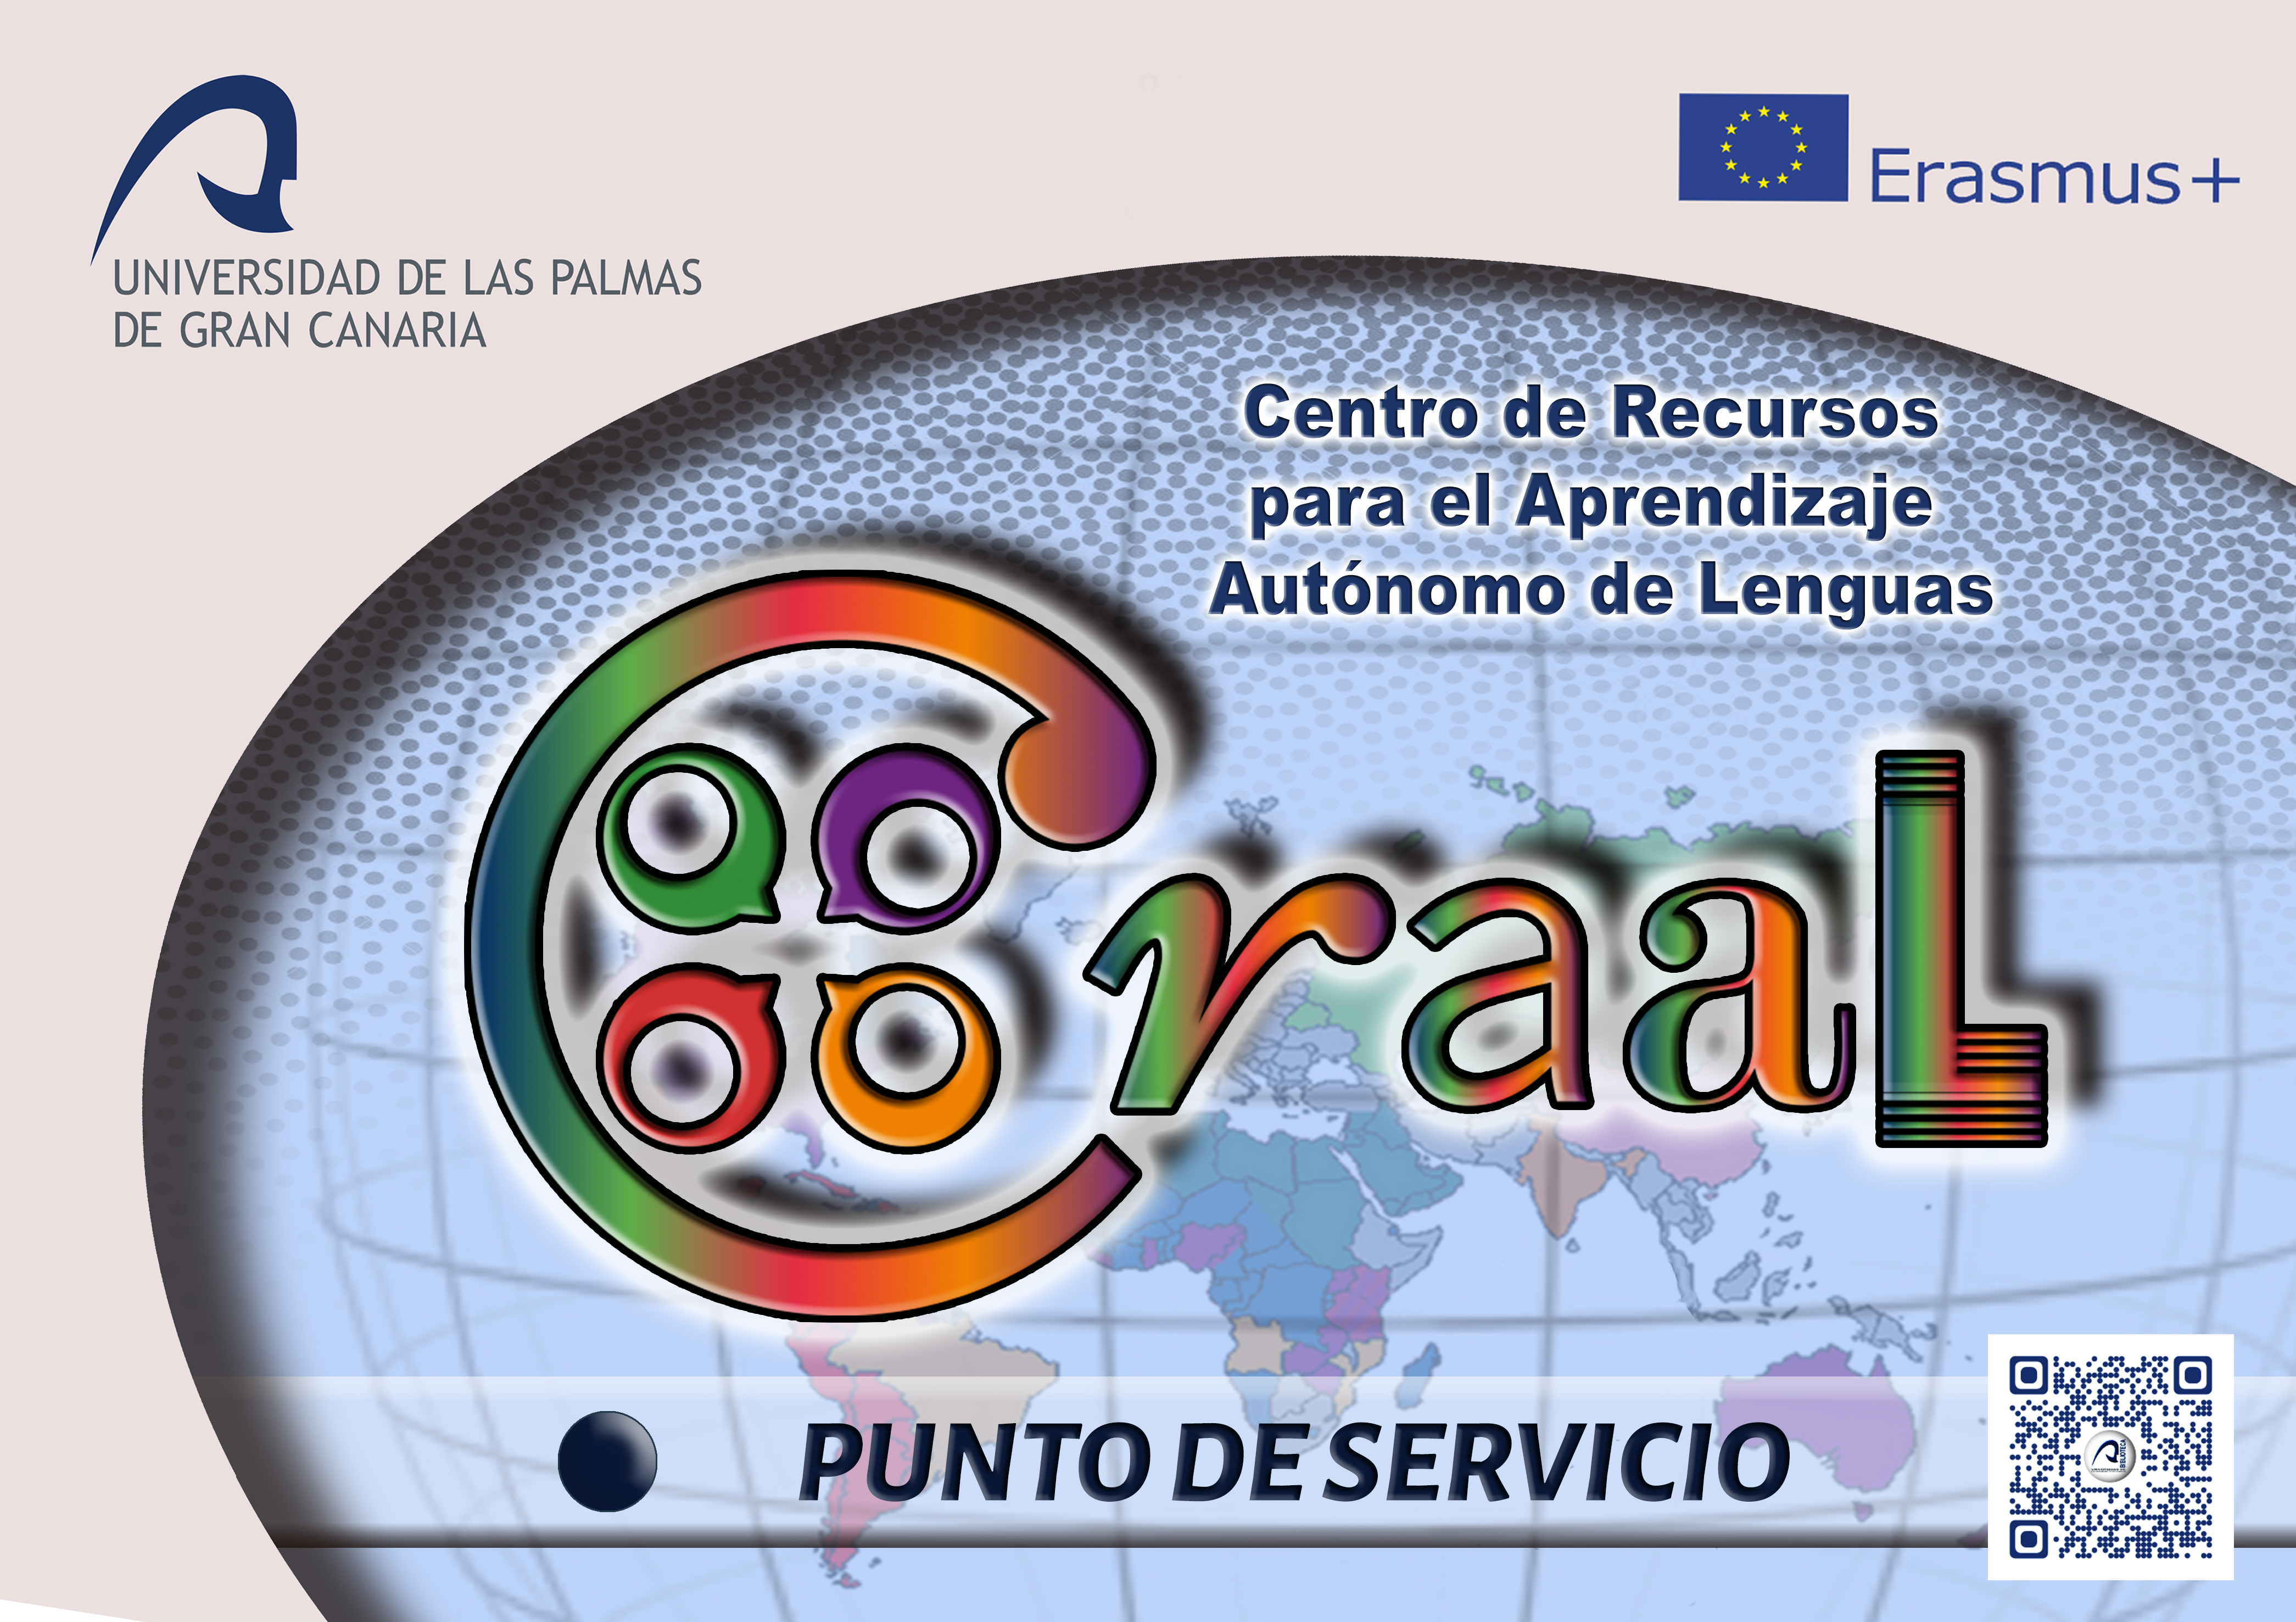 Placa del CRAAL